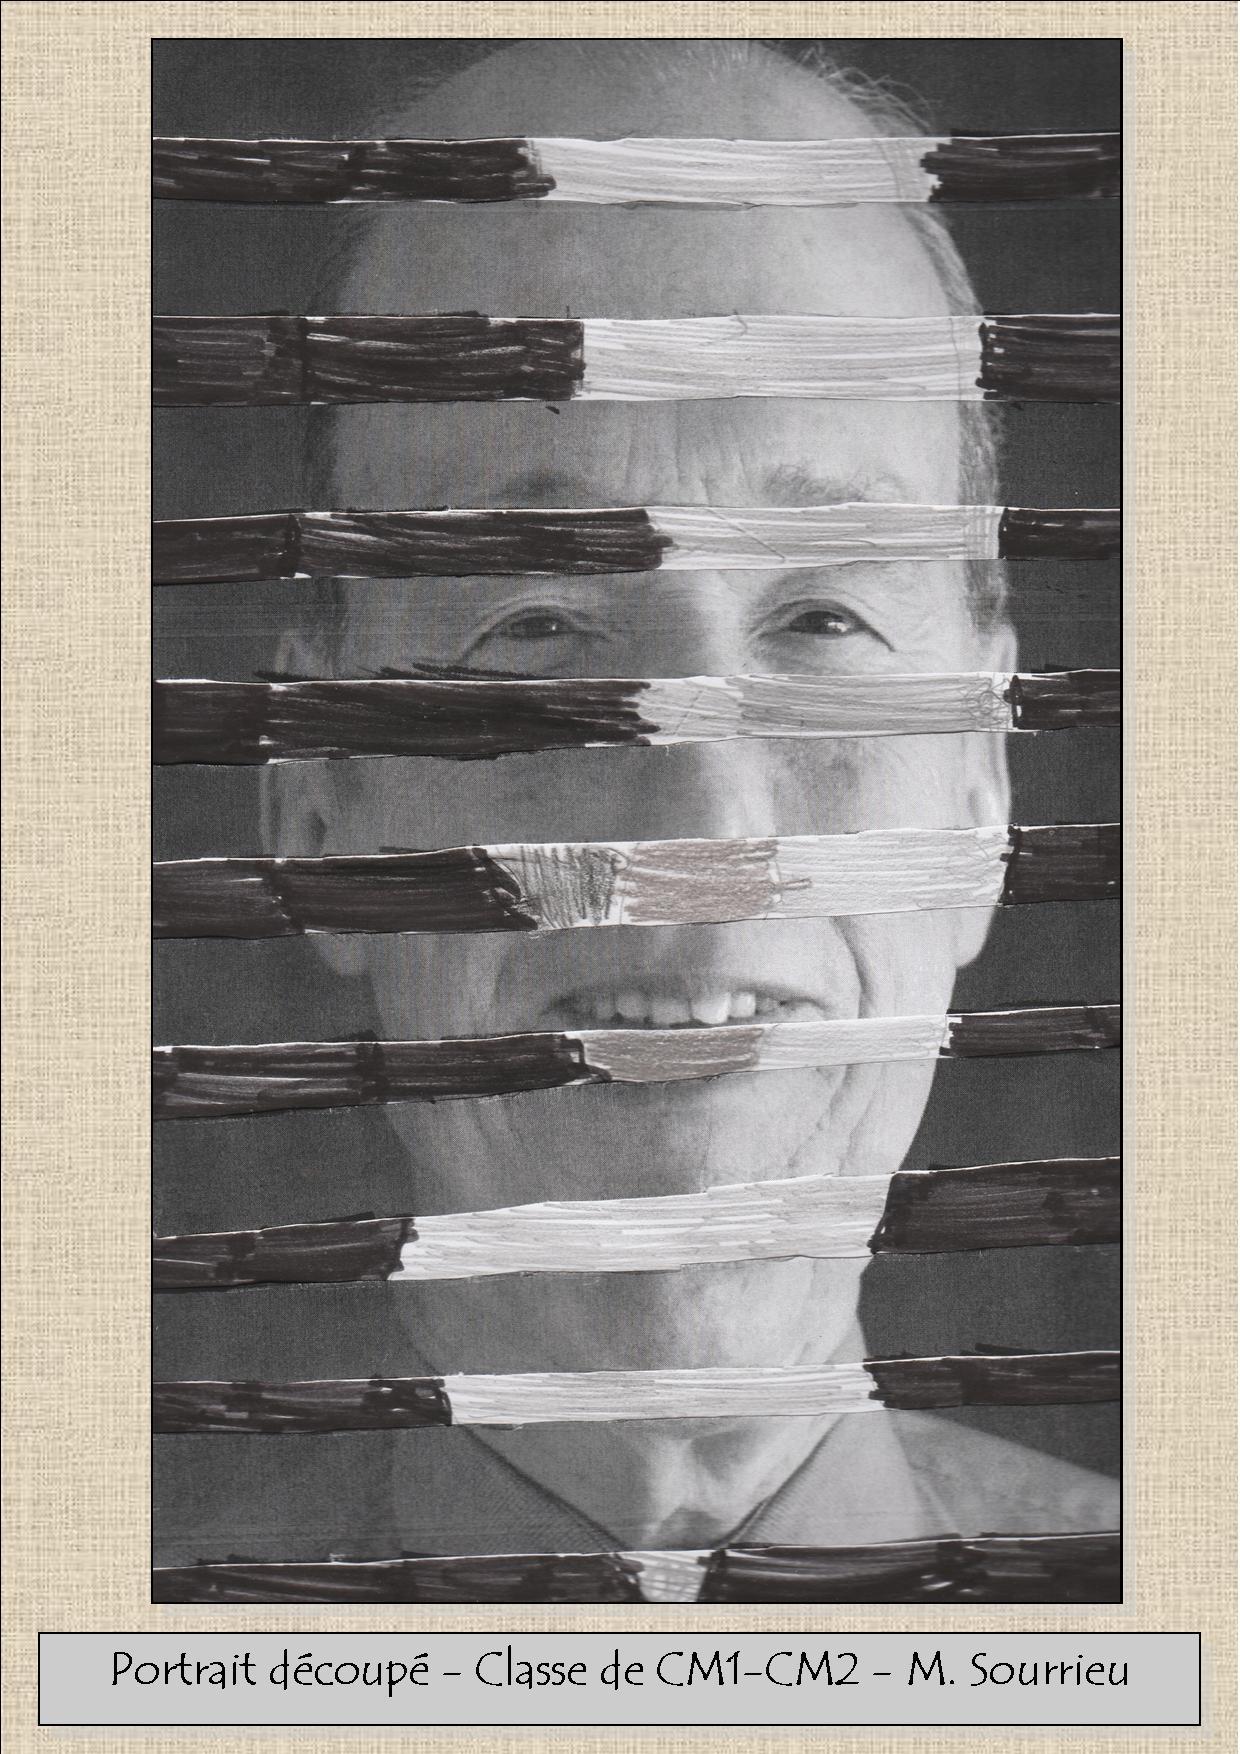 Portrait découpé CM2 - M. Sourrieu 04.jpg